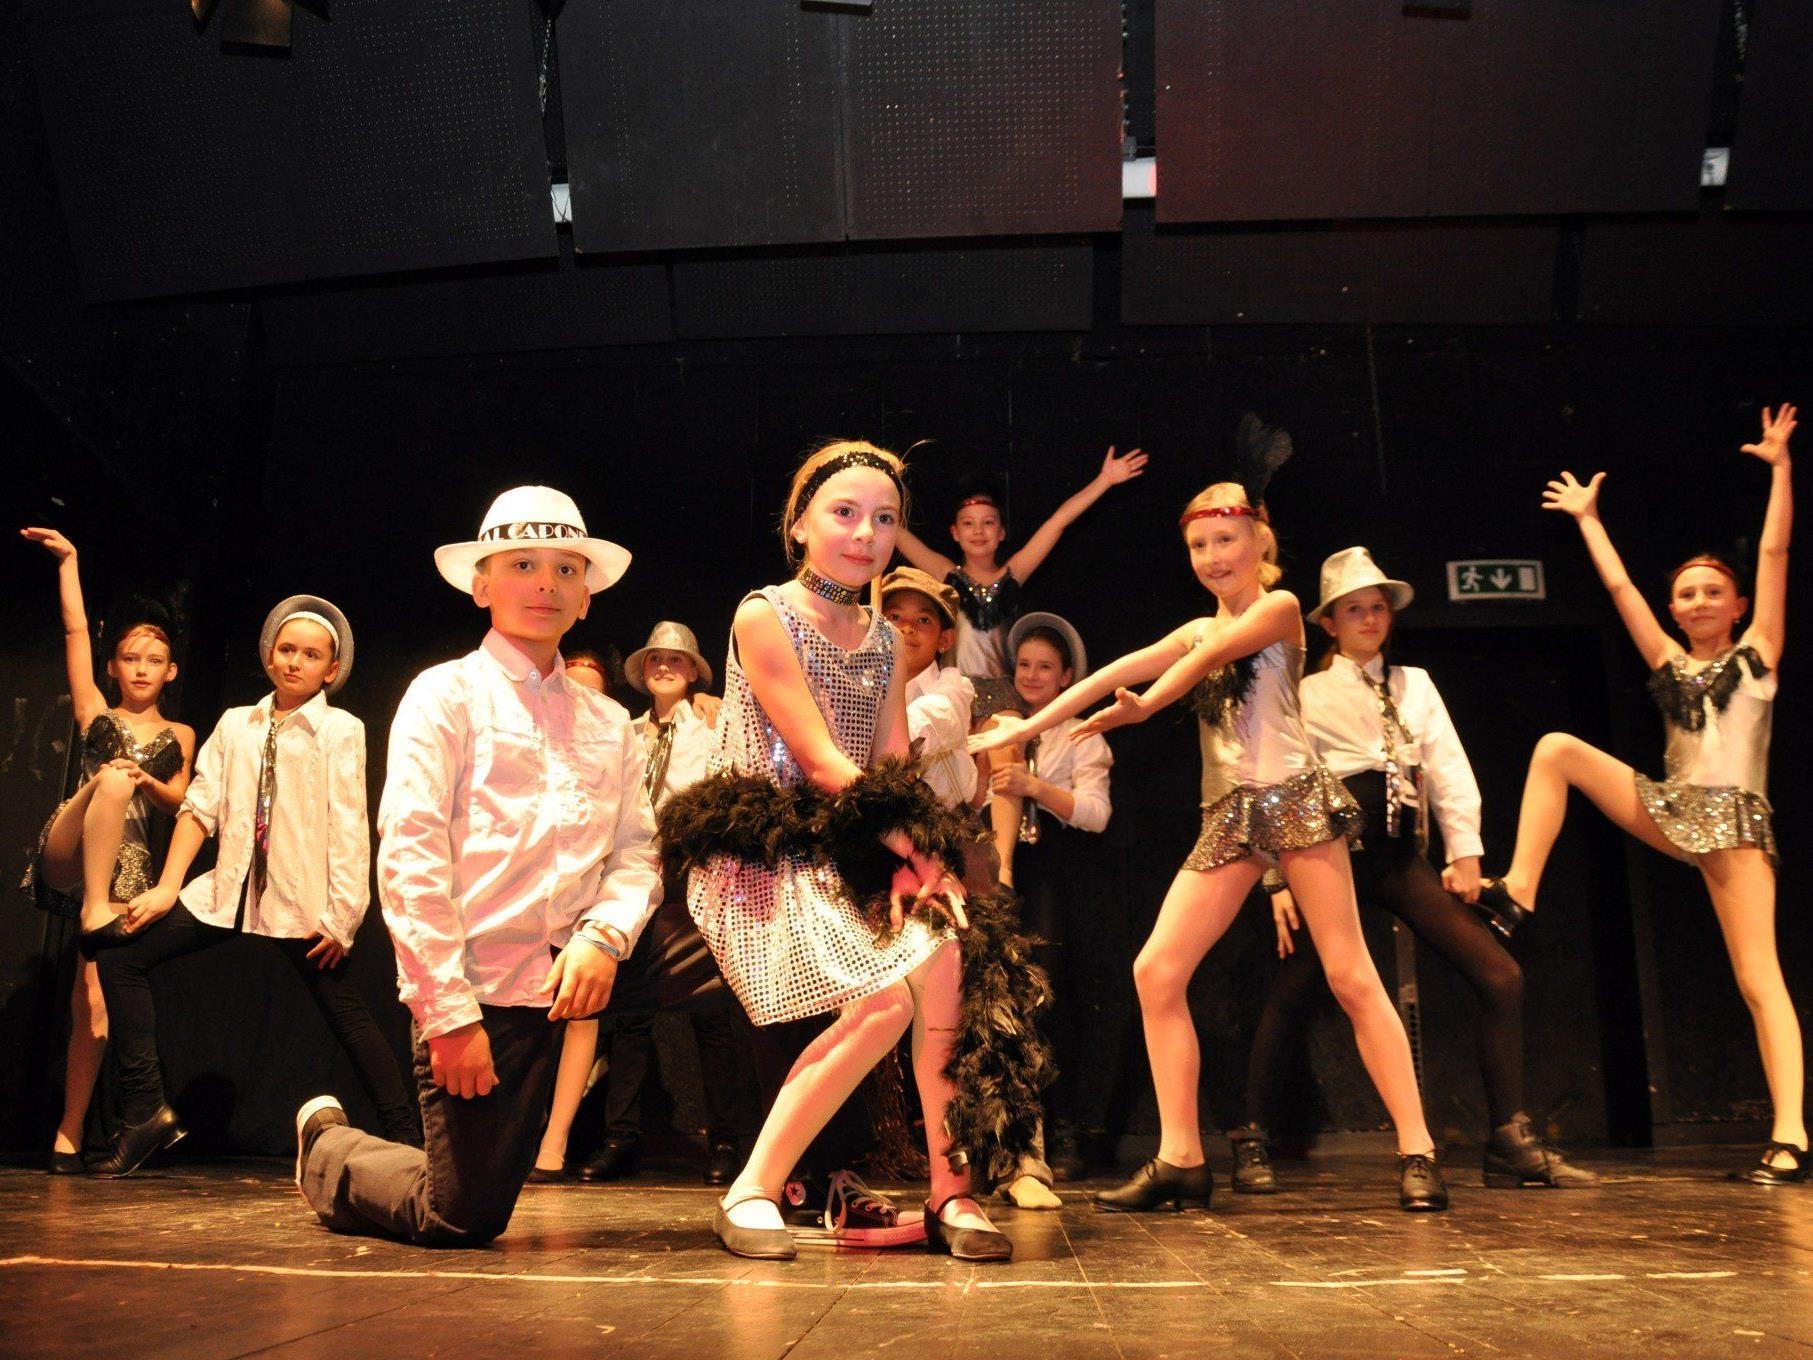 Tanzbegeisterte Kinder, Jugendliche und Erwachsene präsentierten ihr Können.